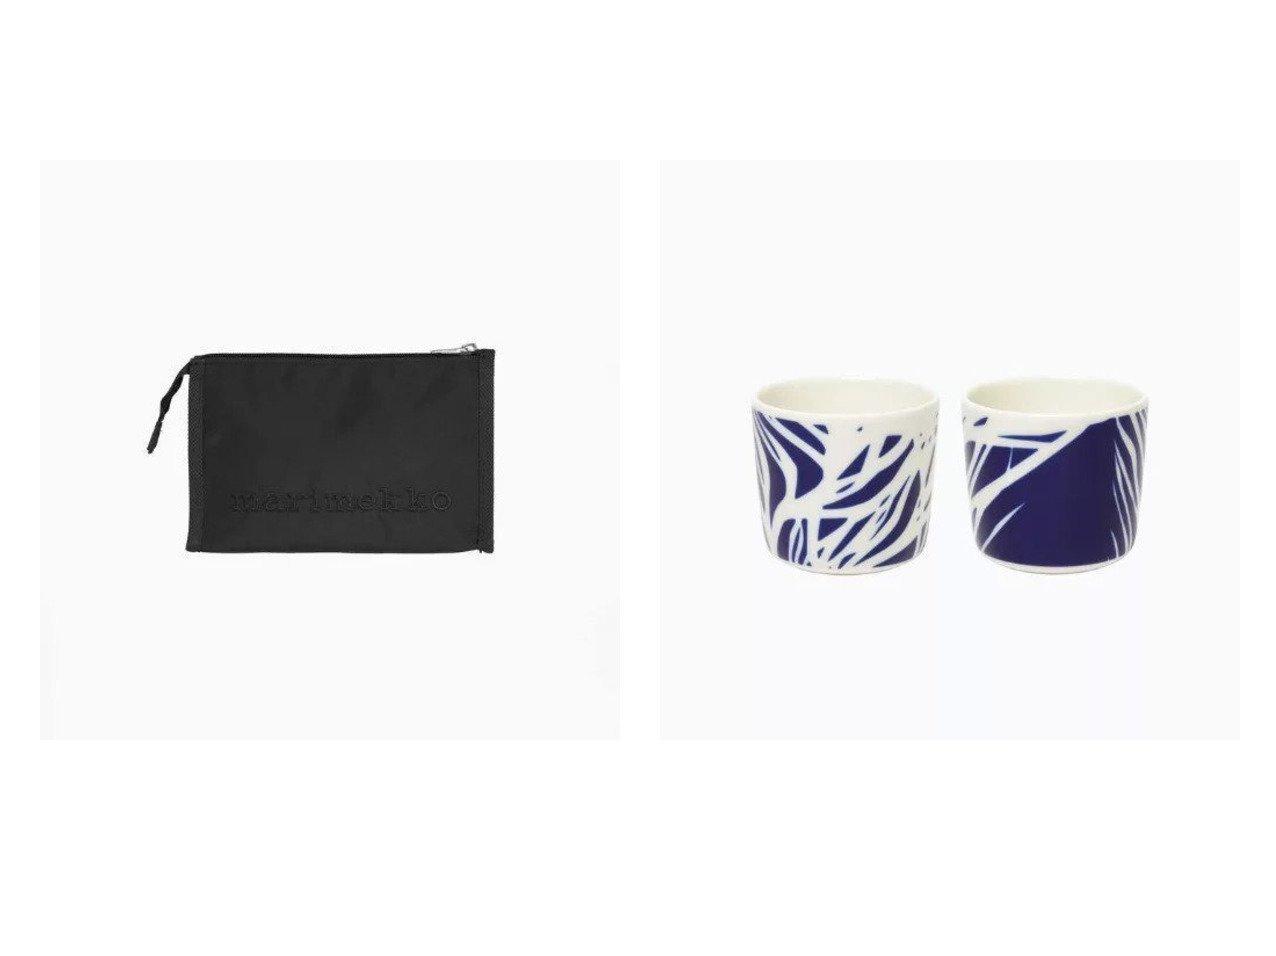 【marimekko/マリメッコ】のRuudut コーヒーカップセット(ハンドルなし)&Hipaus ポーチ おすすめ!人気、トレンド・レディースファッションの通販 おすすめで人気の流行・トレンド、ファッションの通販商品 インテリア・家具・メンズファッション・キッズファッション・レディースファッション・服の通販 founy(ファニー) https://founy.com/ ファッション Fashion レディースファッション WOMEN ポーチ Pouches おすすめ Recommend シンプル スクエア スポーツ トラベル ポケット ポーチ コンパクト フォルム |ID:crp329100000042379